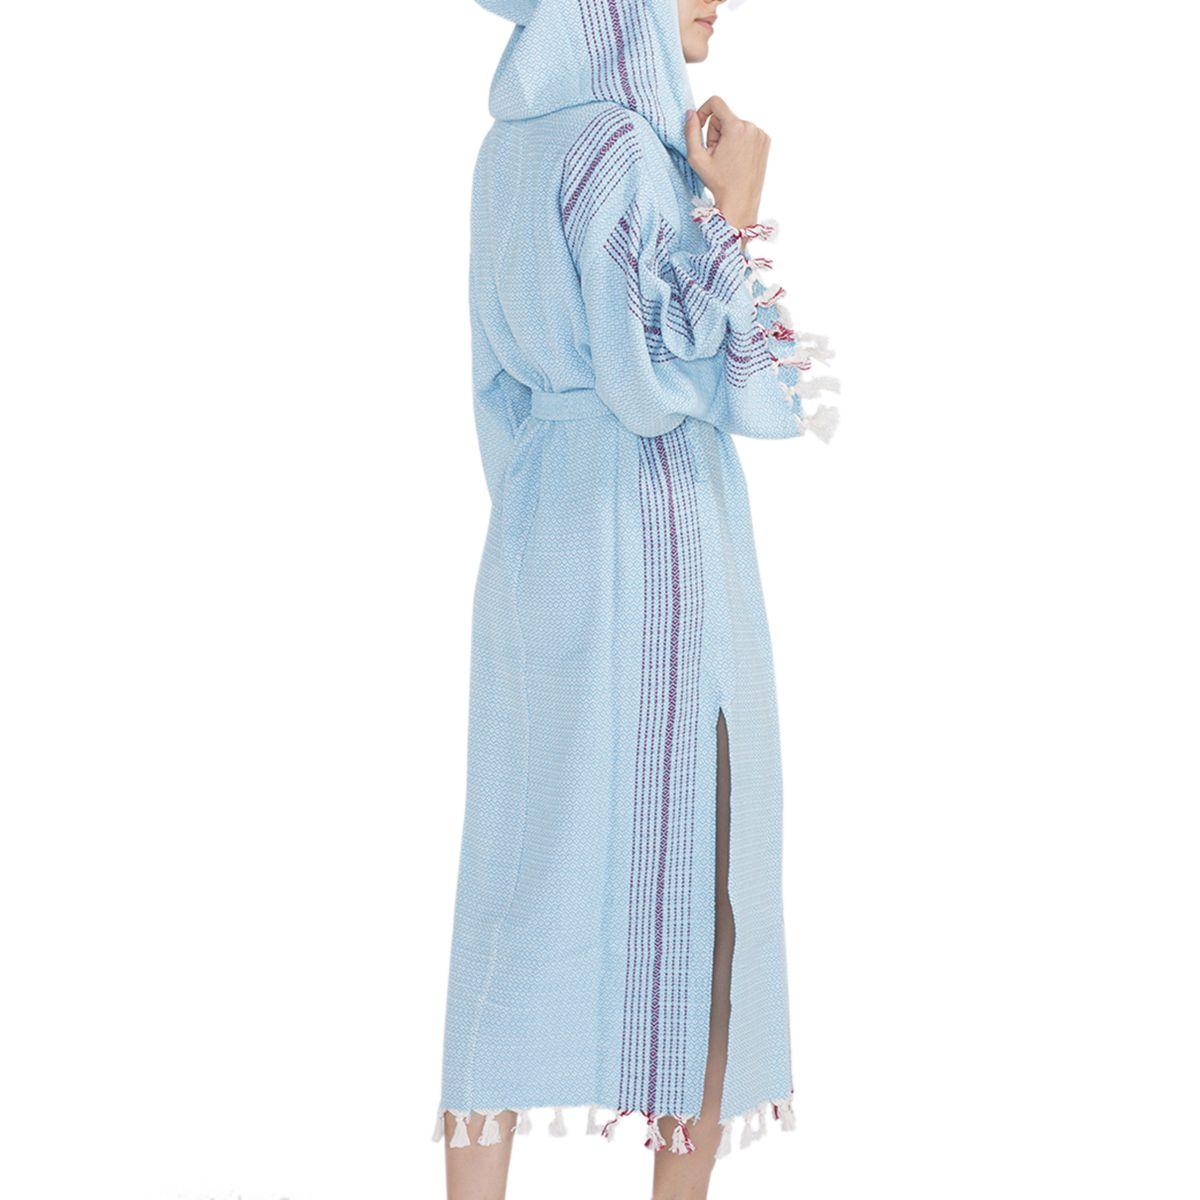 Bathrobe Gocek with hood / Turquoise